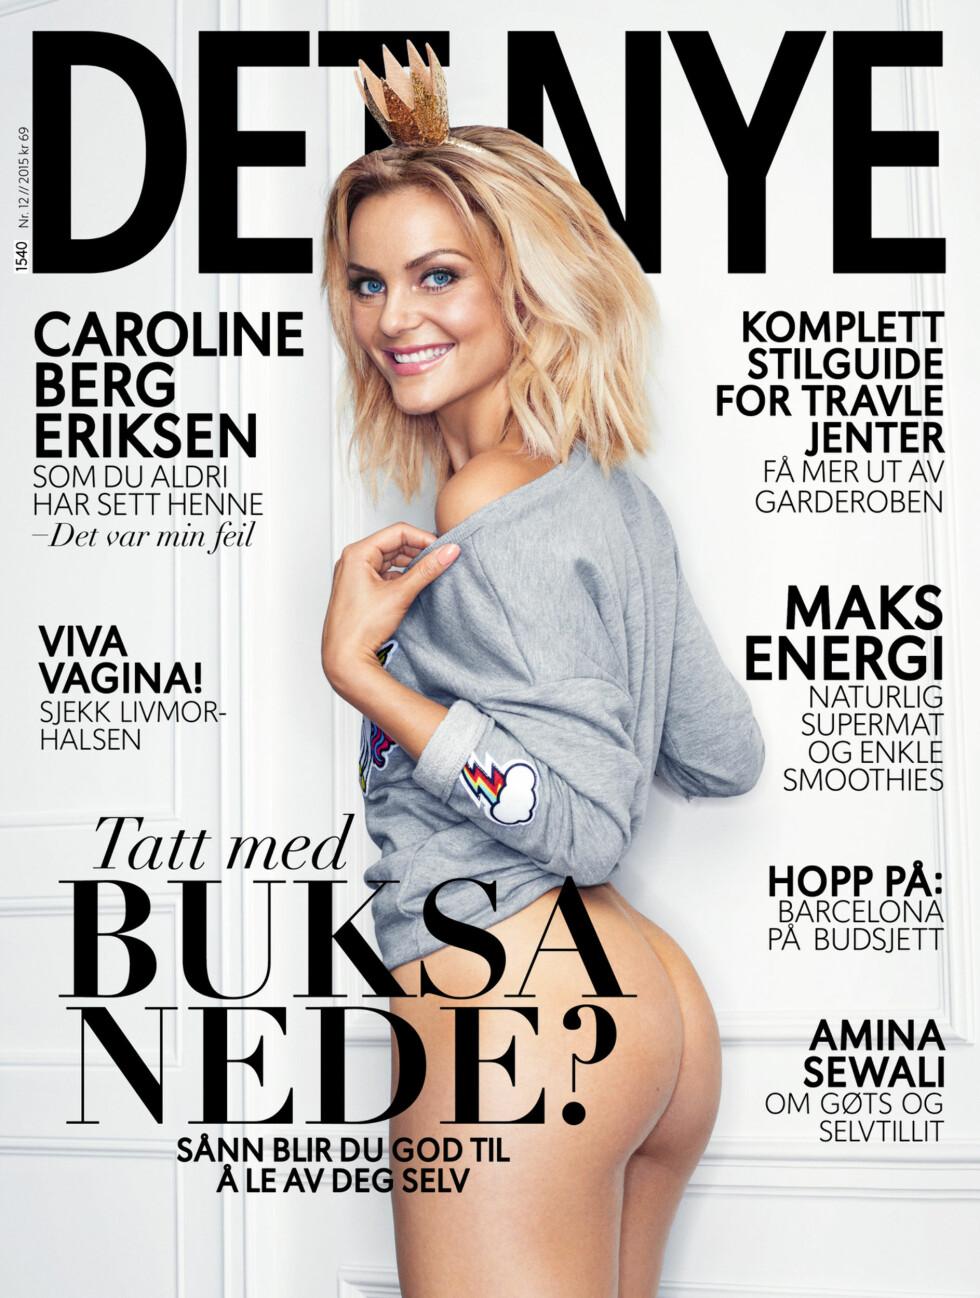 DET NYE: Caroline Berg Eriksen viser seg fram i den nyeste utgaven av bladet Det Nye med rumpa bar.